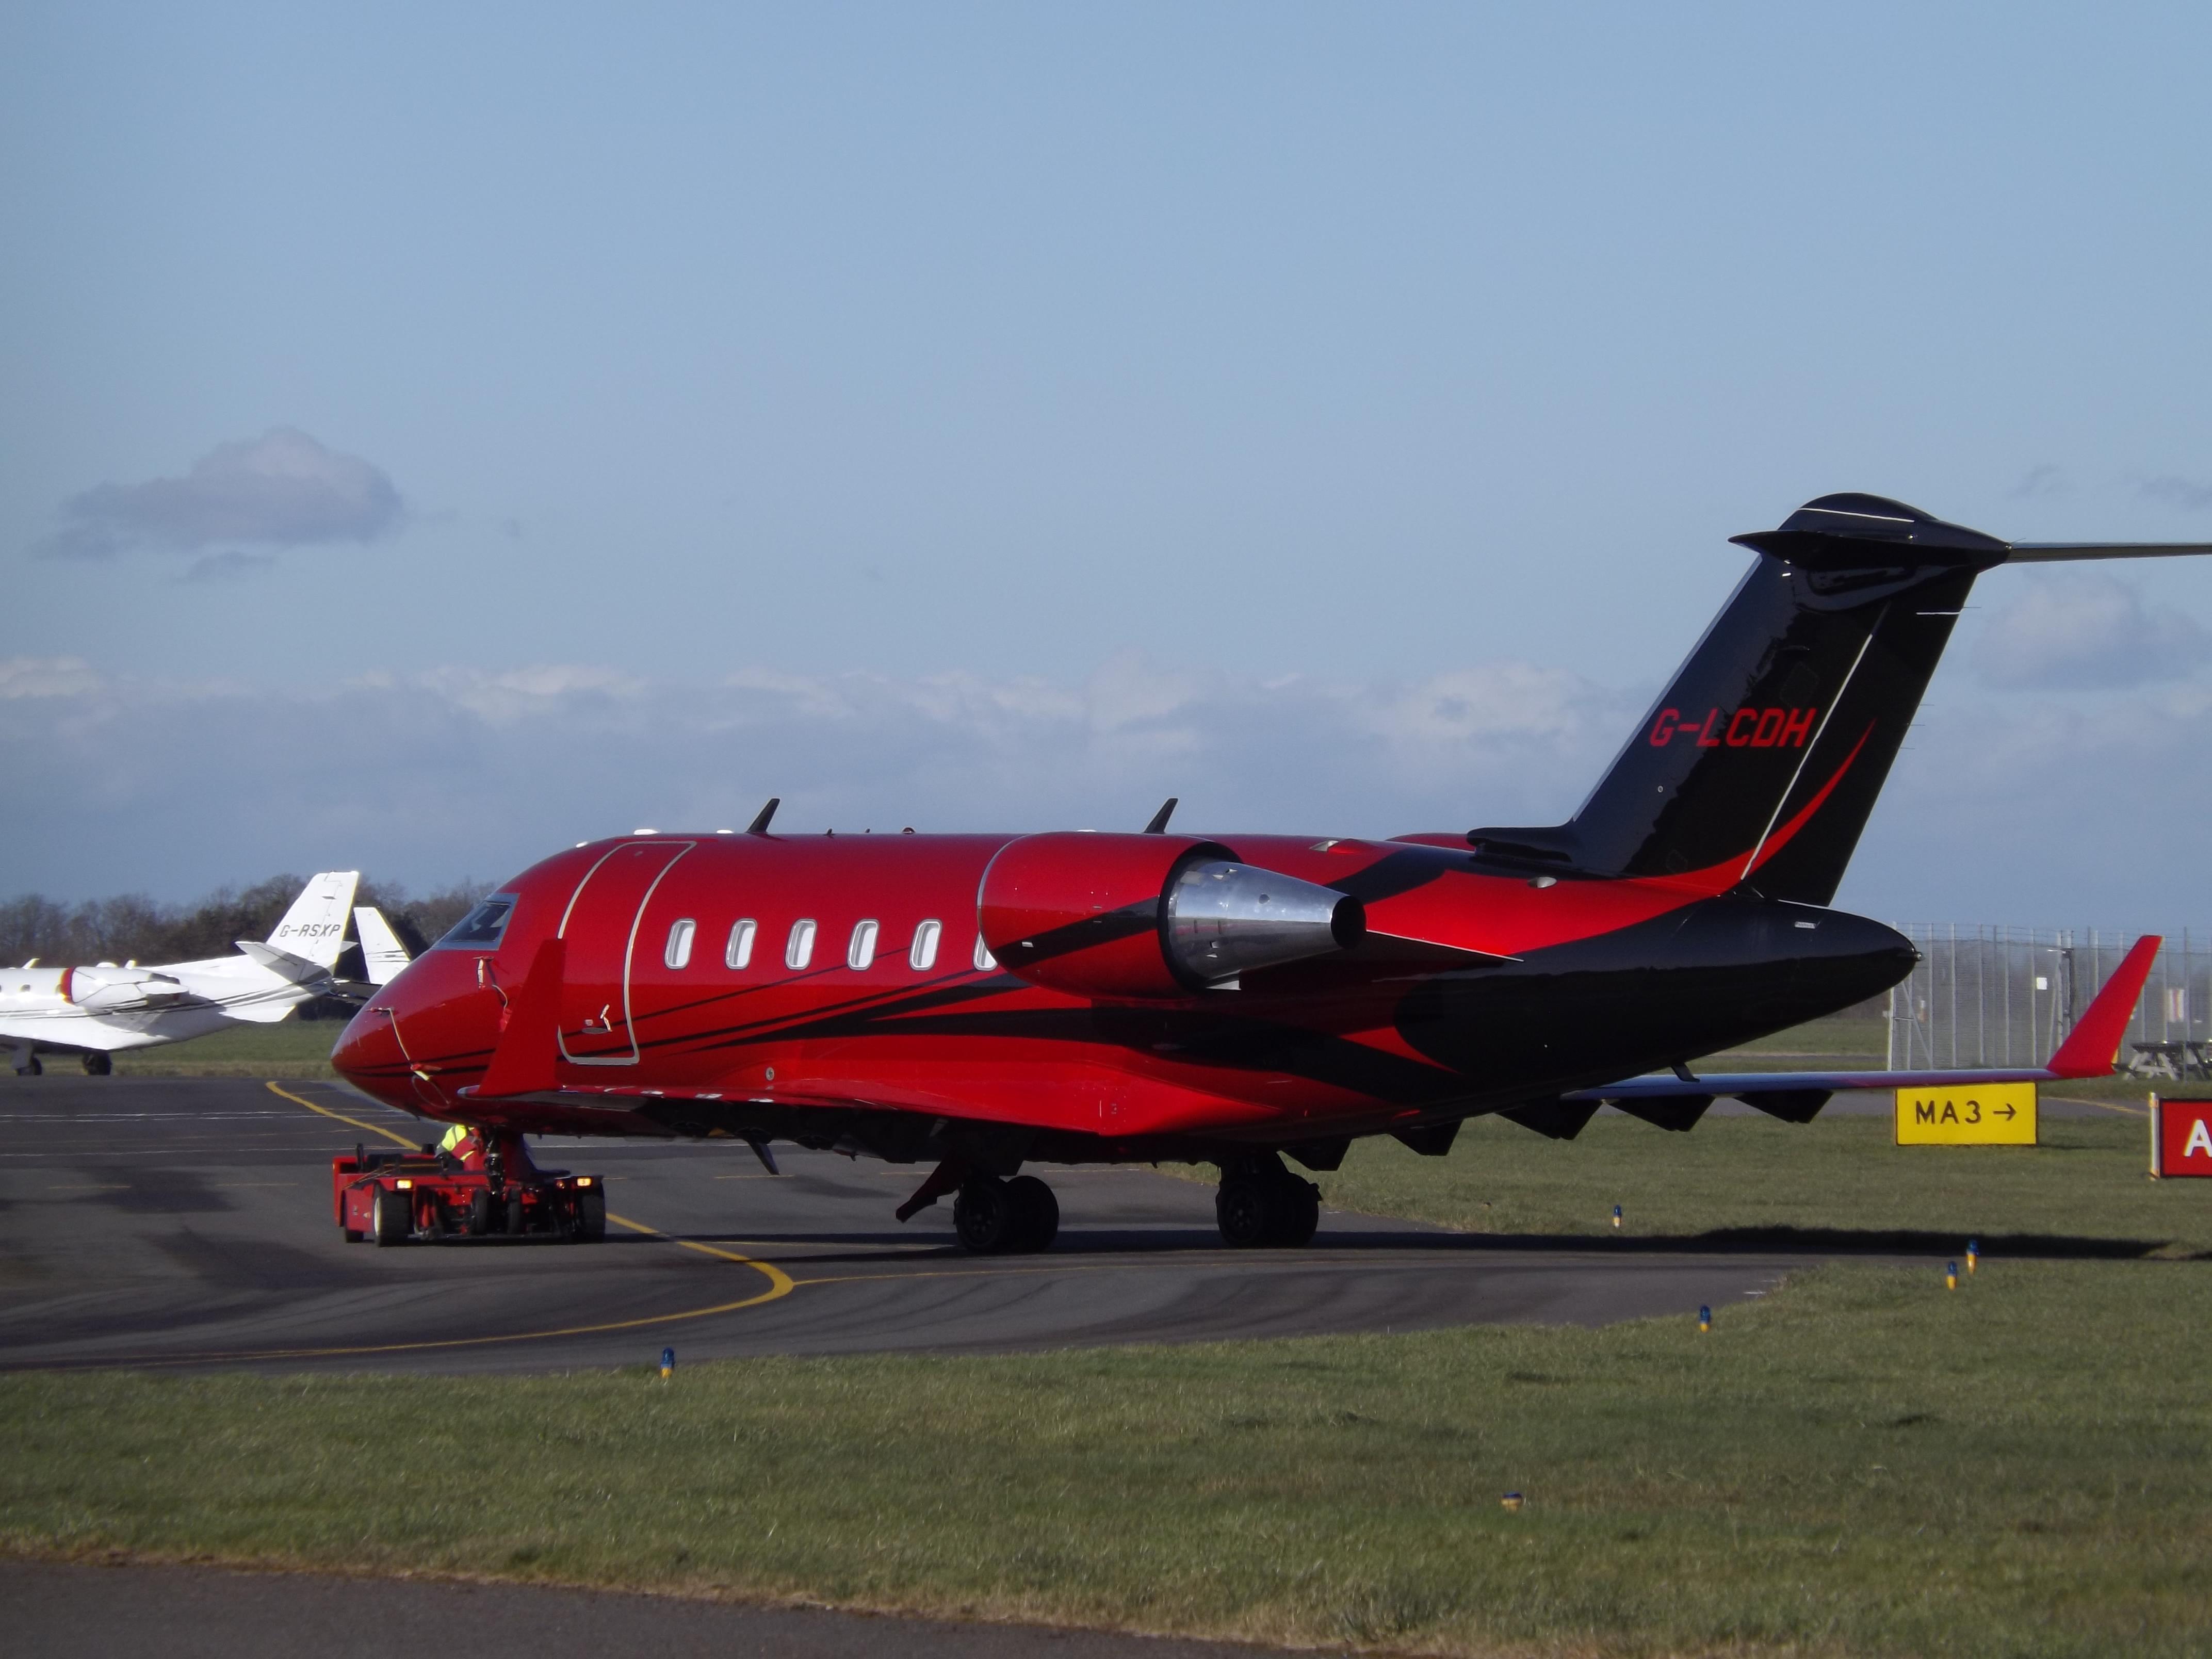 Jet Privato Di Hamilton : File g lcdh bombardier canadair challenger hangar